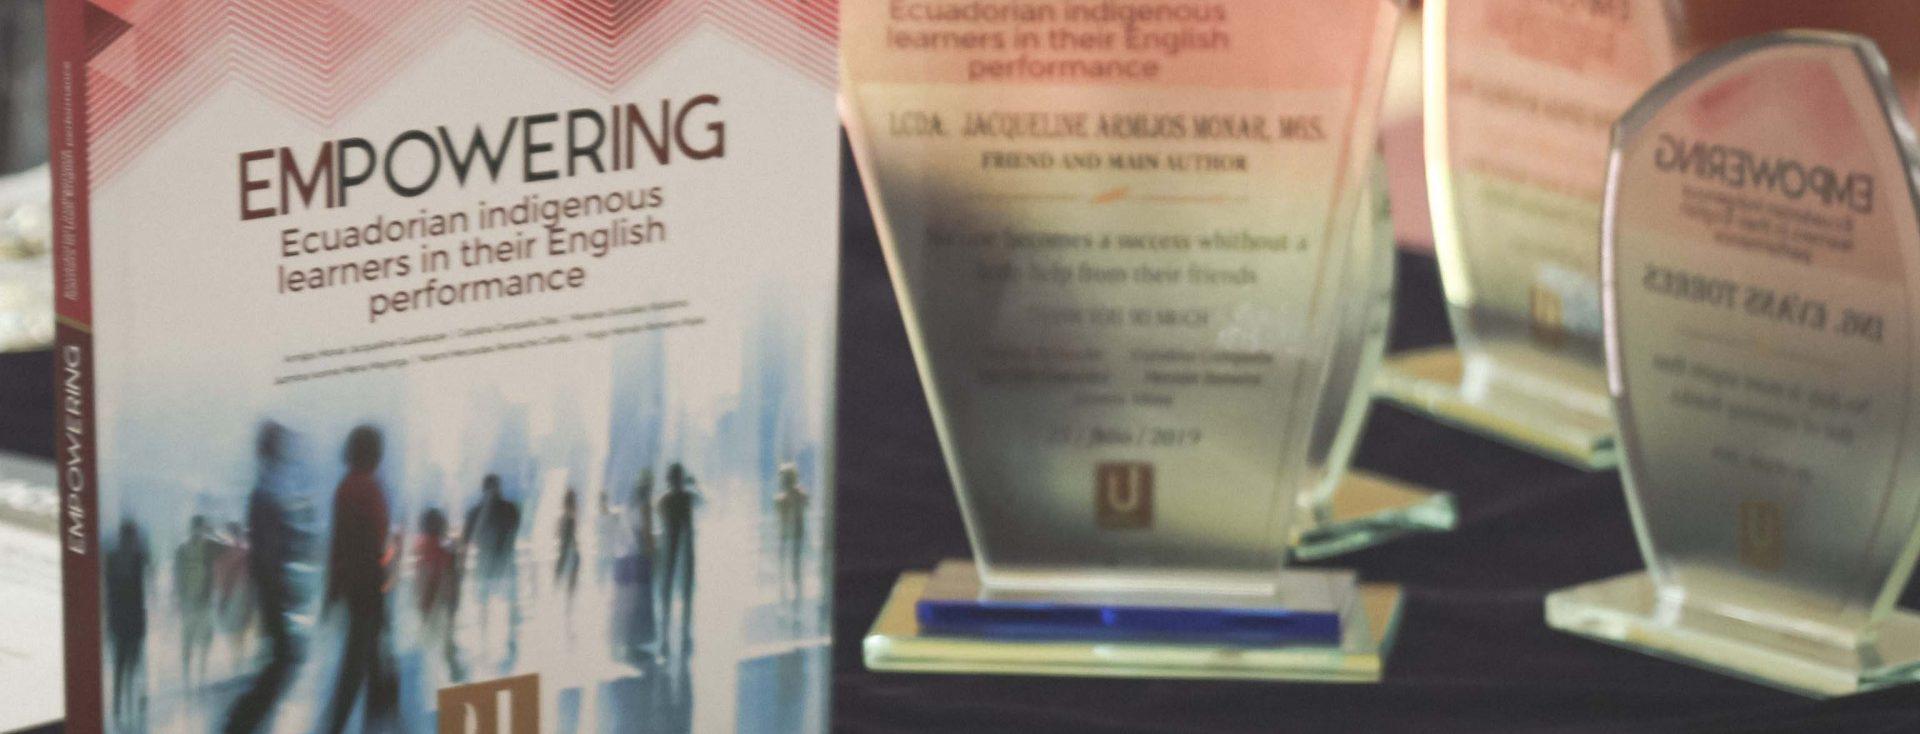 La Unach busca el empoderamiento del idioma inglés en el sector indígena